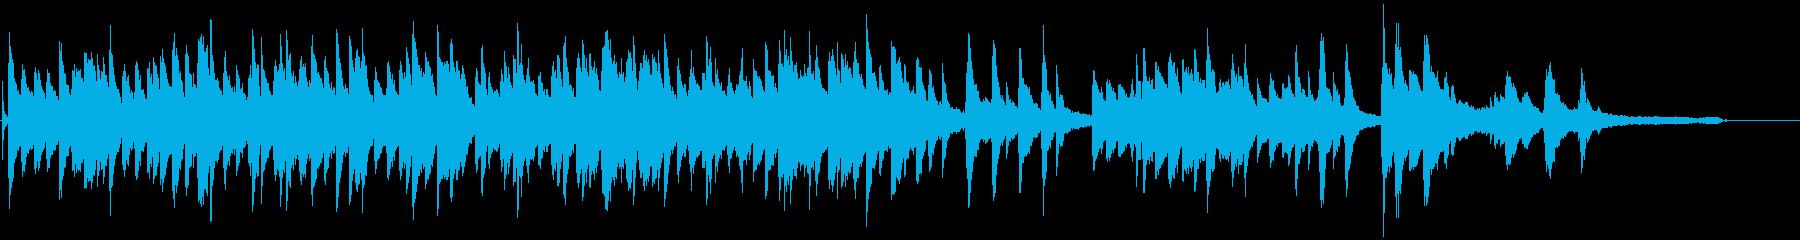 叙情的なピアノバラードの再生済みの波形